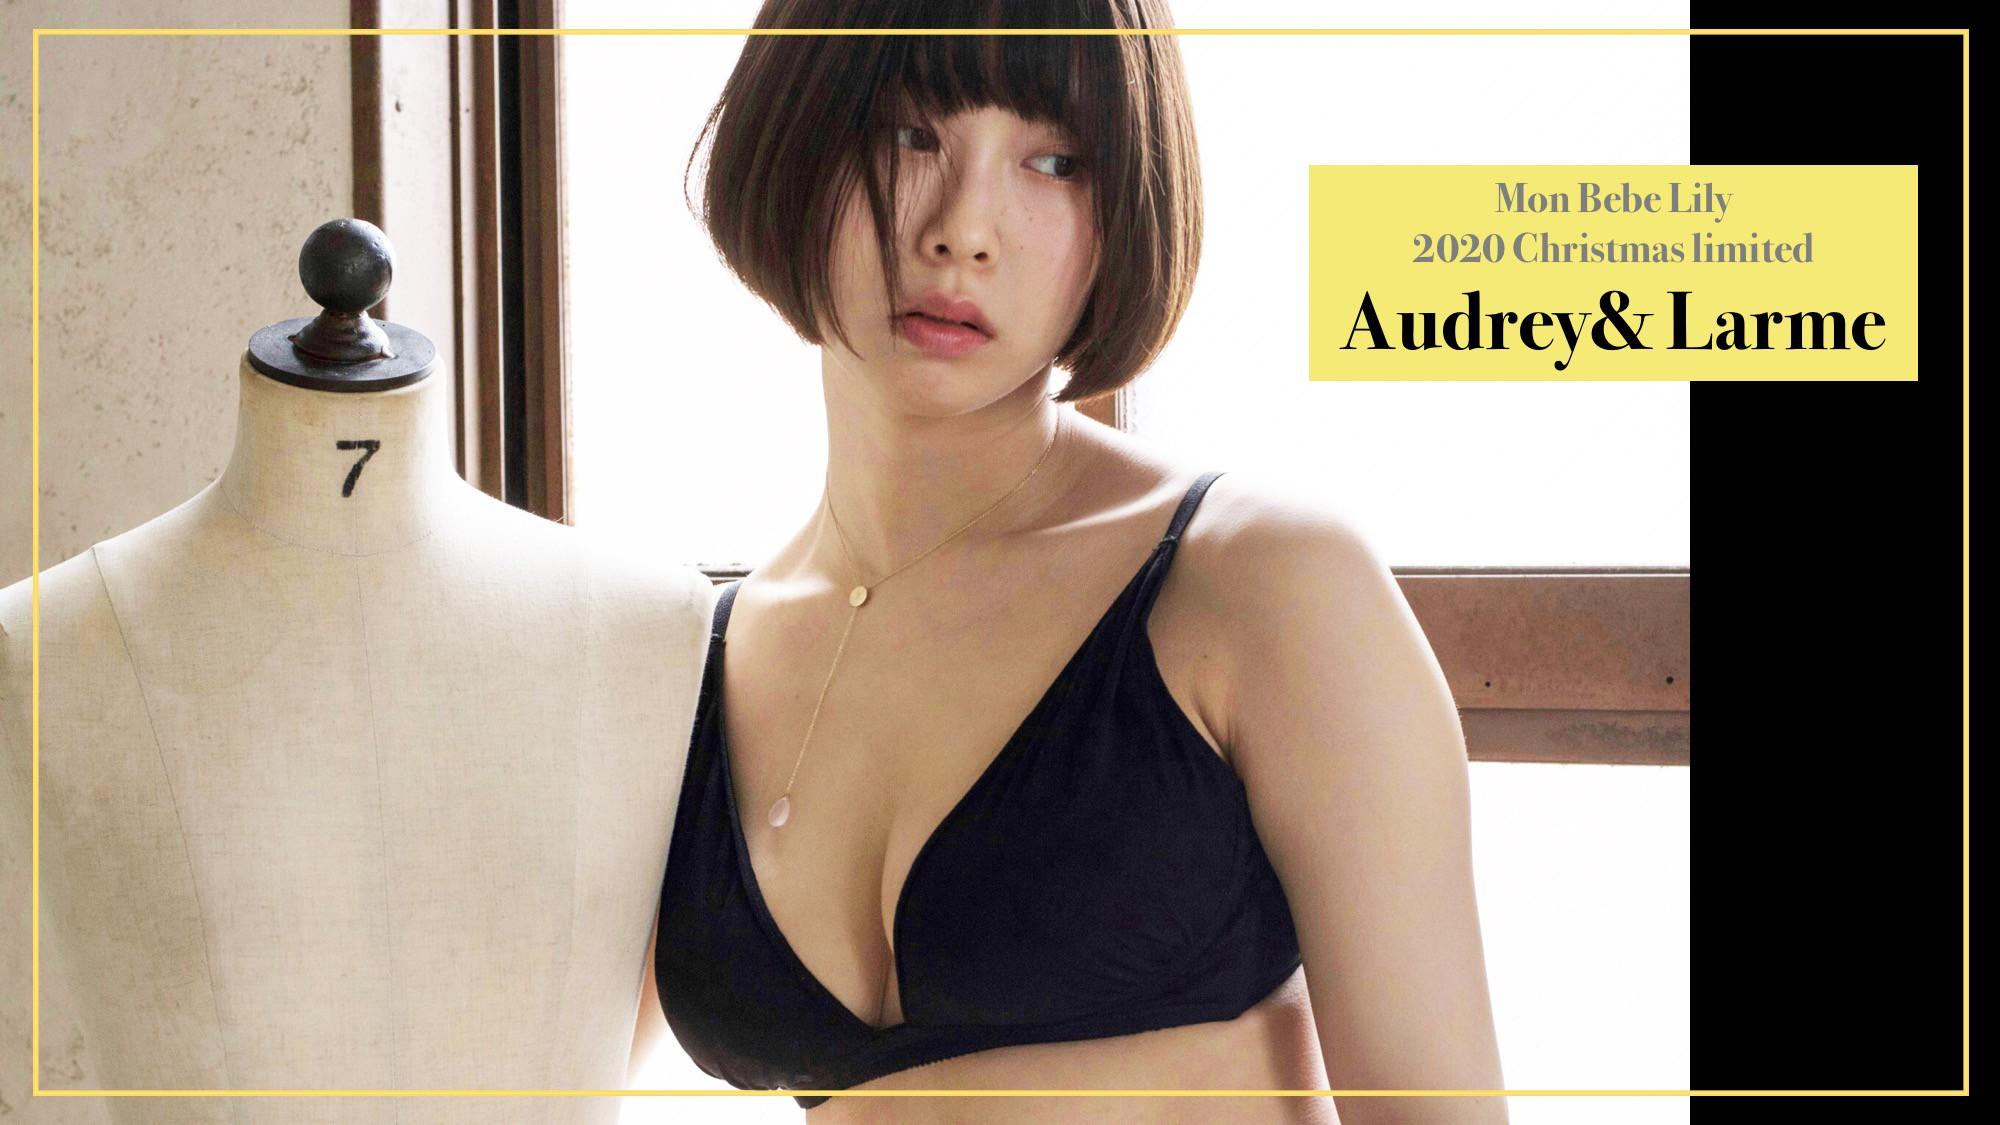 このクリスマス体と心に寄り添うギフト【Audrey】オリジナルネックレス付きセットを数量限定で発売